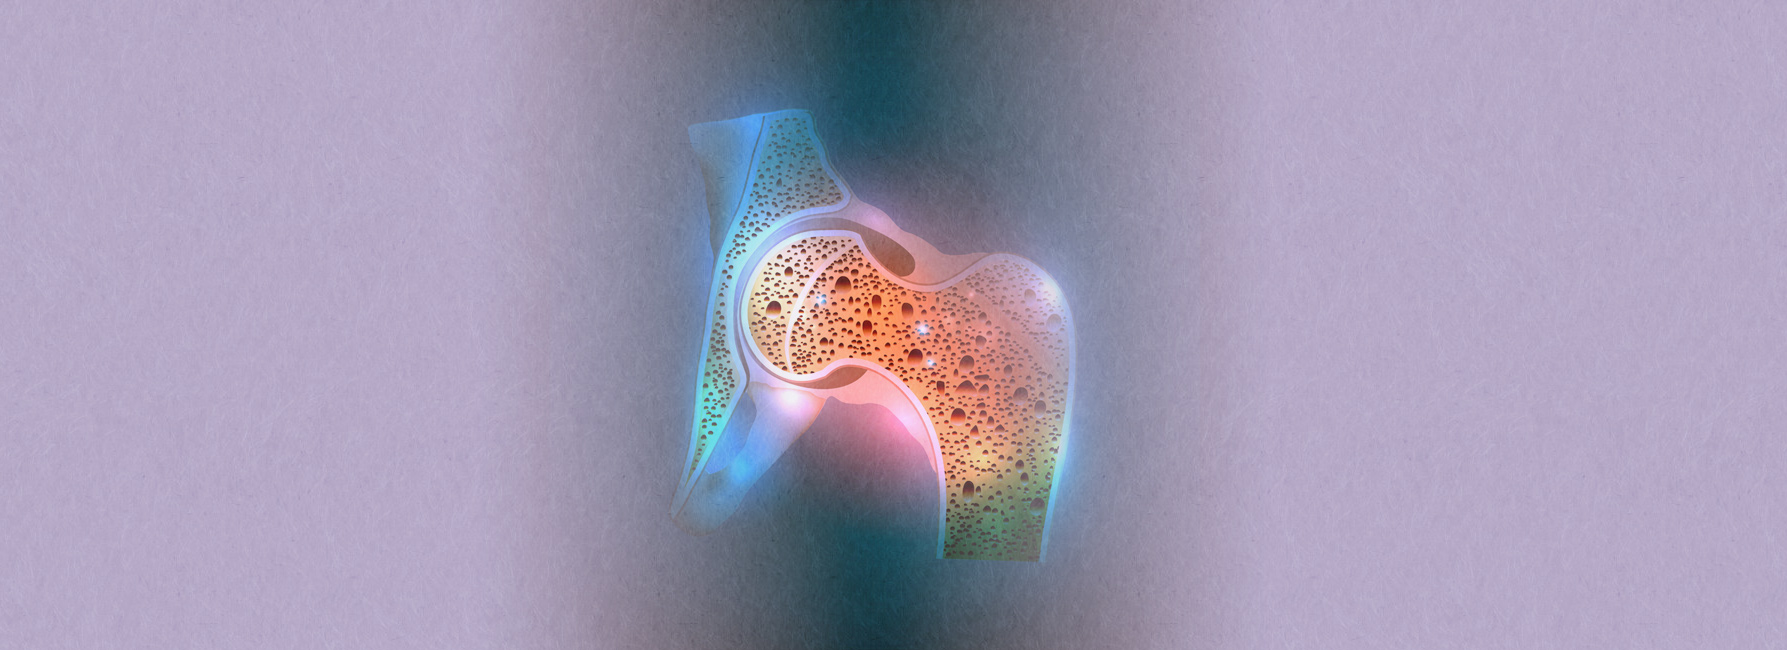 bg-osteoporosis